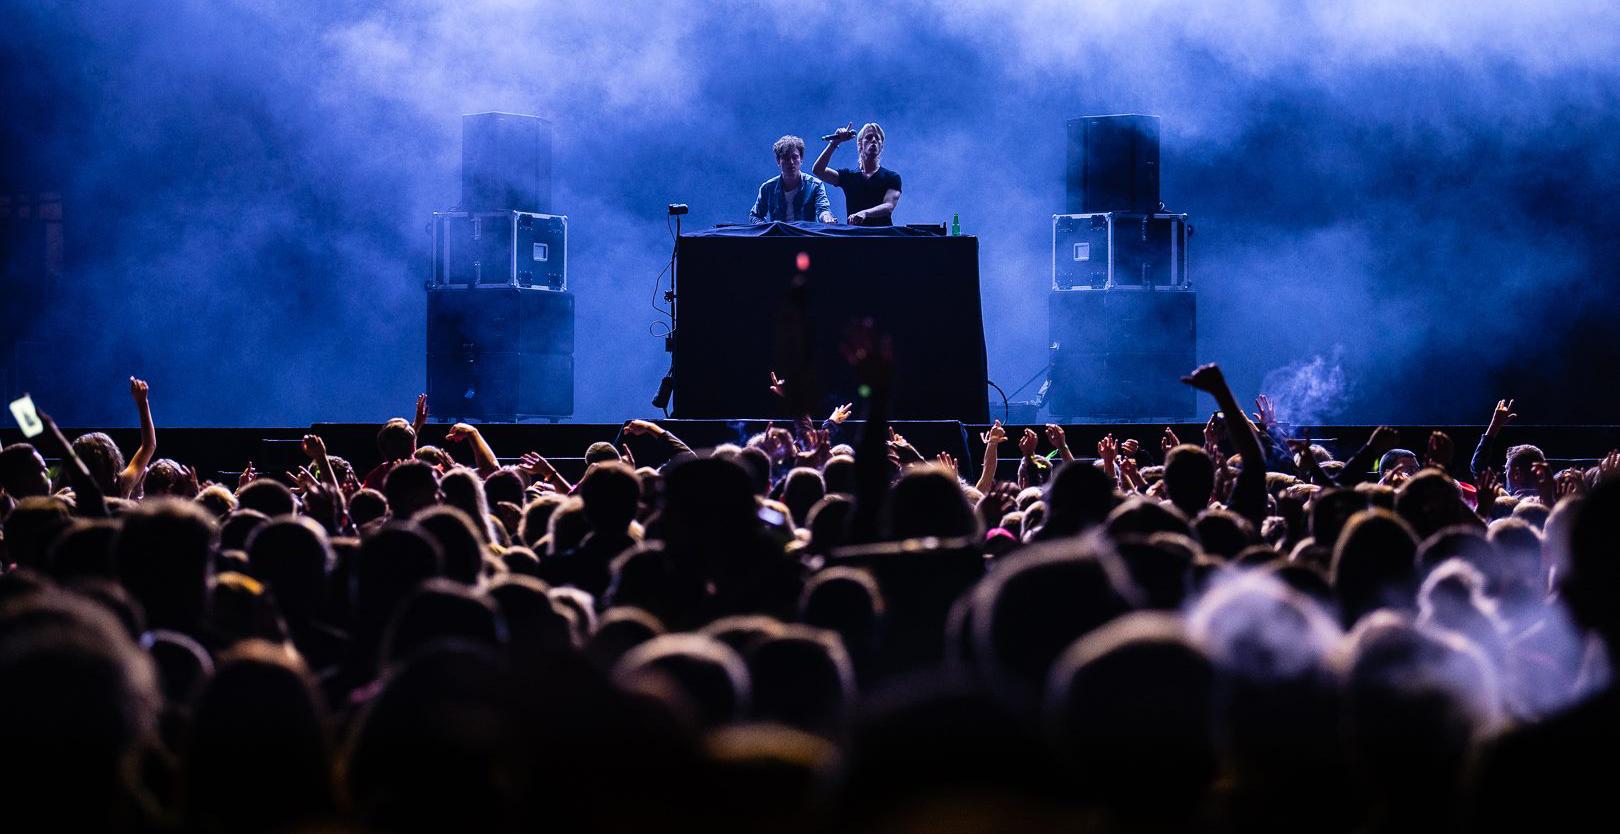 VENOGE FESTIVAL 2019